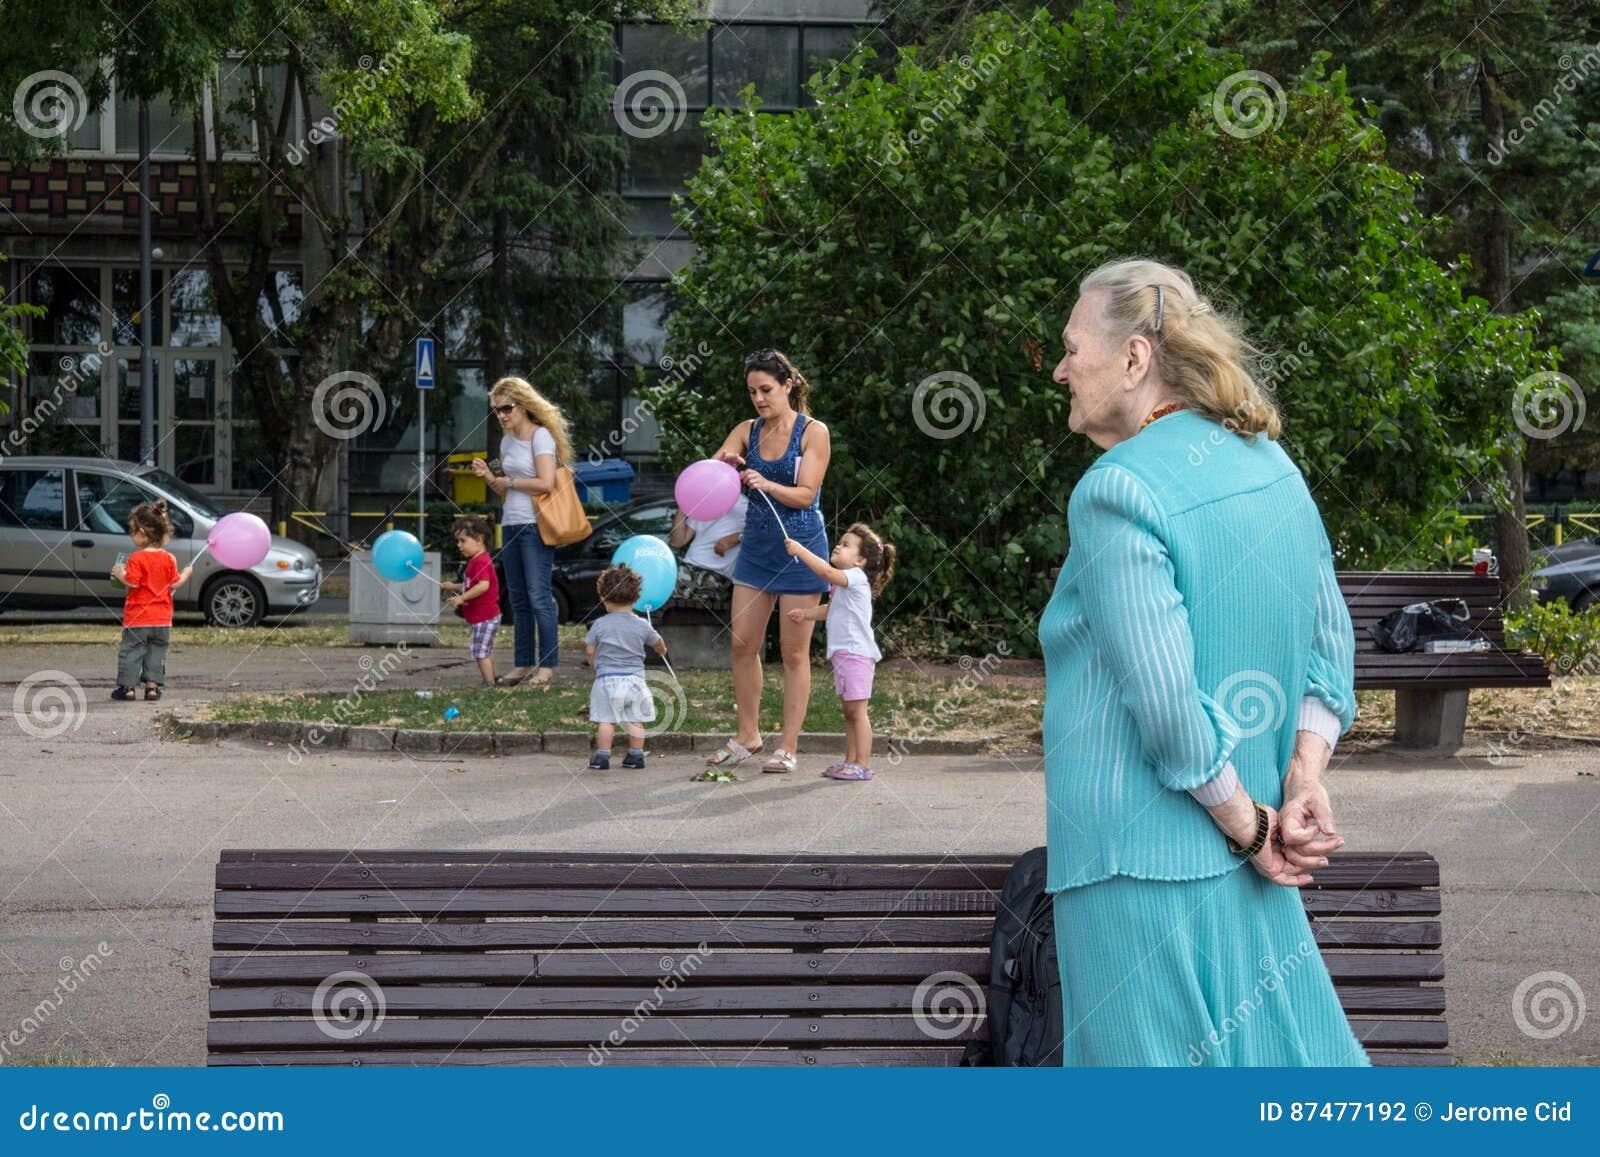 БЕЛГРАД, СЕРБИЯ - 2-ОЕ АВГУСТА 2015: Старуха смотря более молодых женщин позаботить о дети играя с воздушными шарами в пригороде